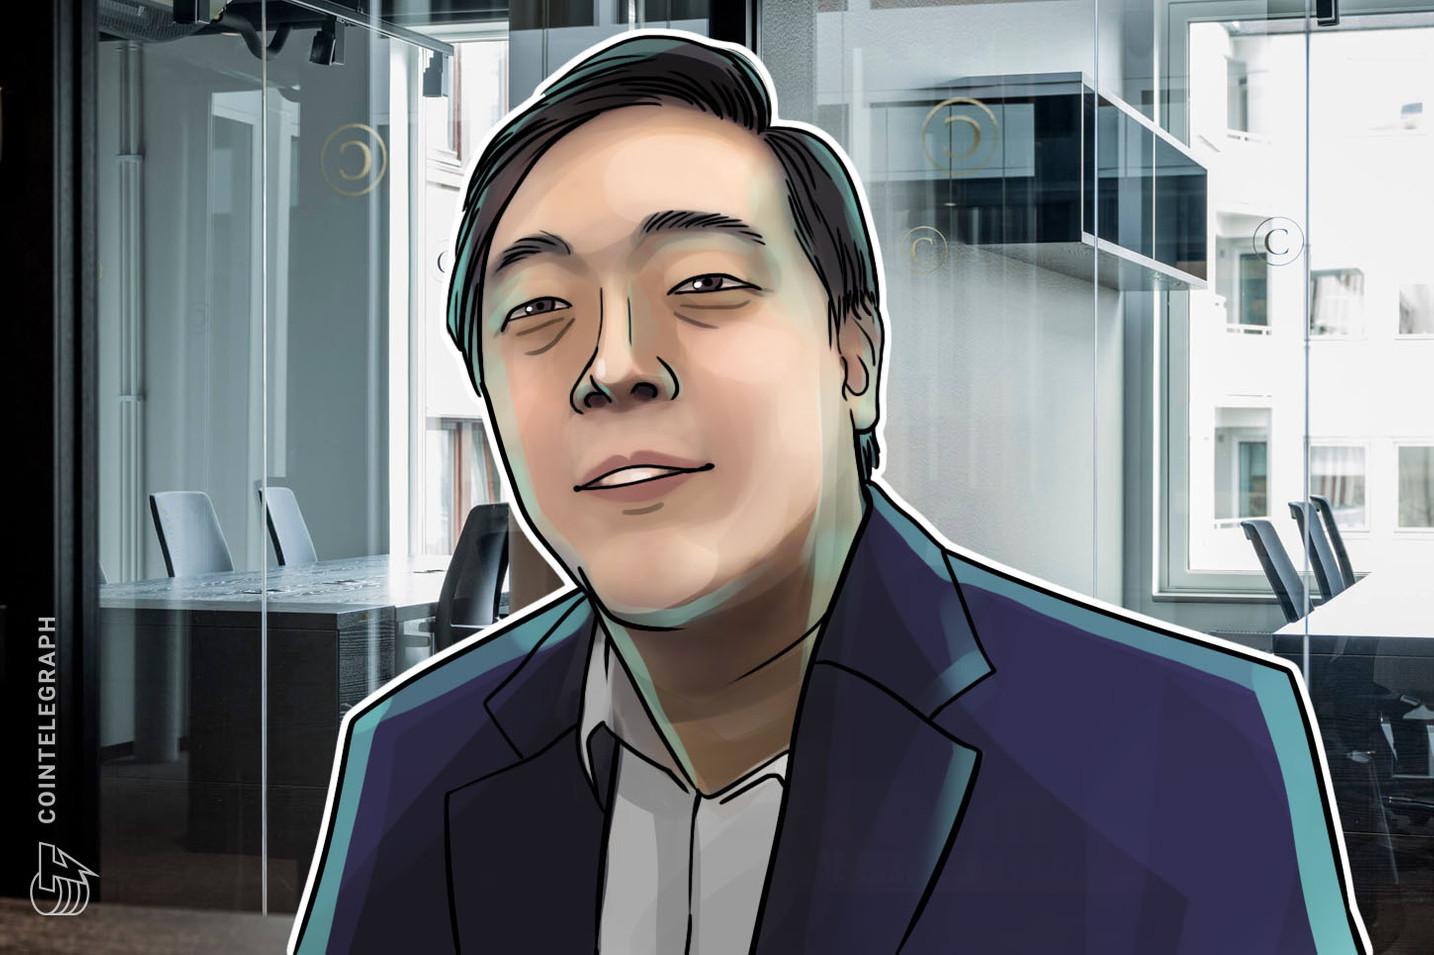 Litecoin-Gründer Charlie Lee befasst sich mit Vorwürfen des Projektabbruchs